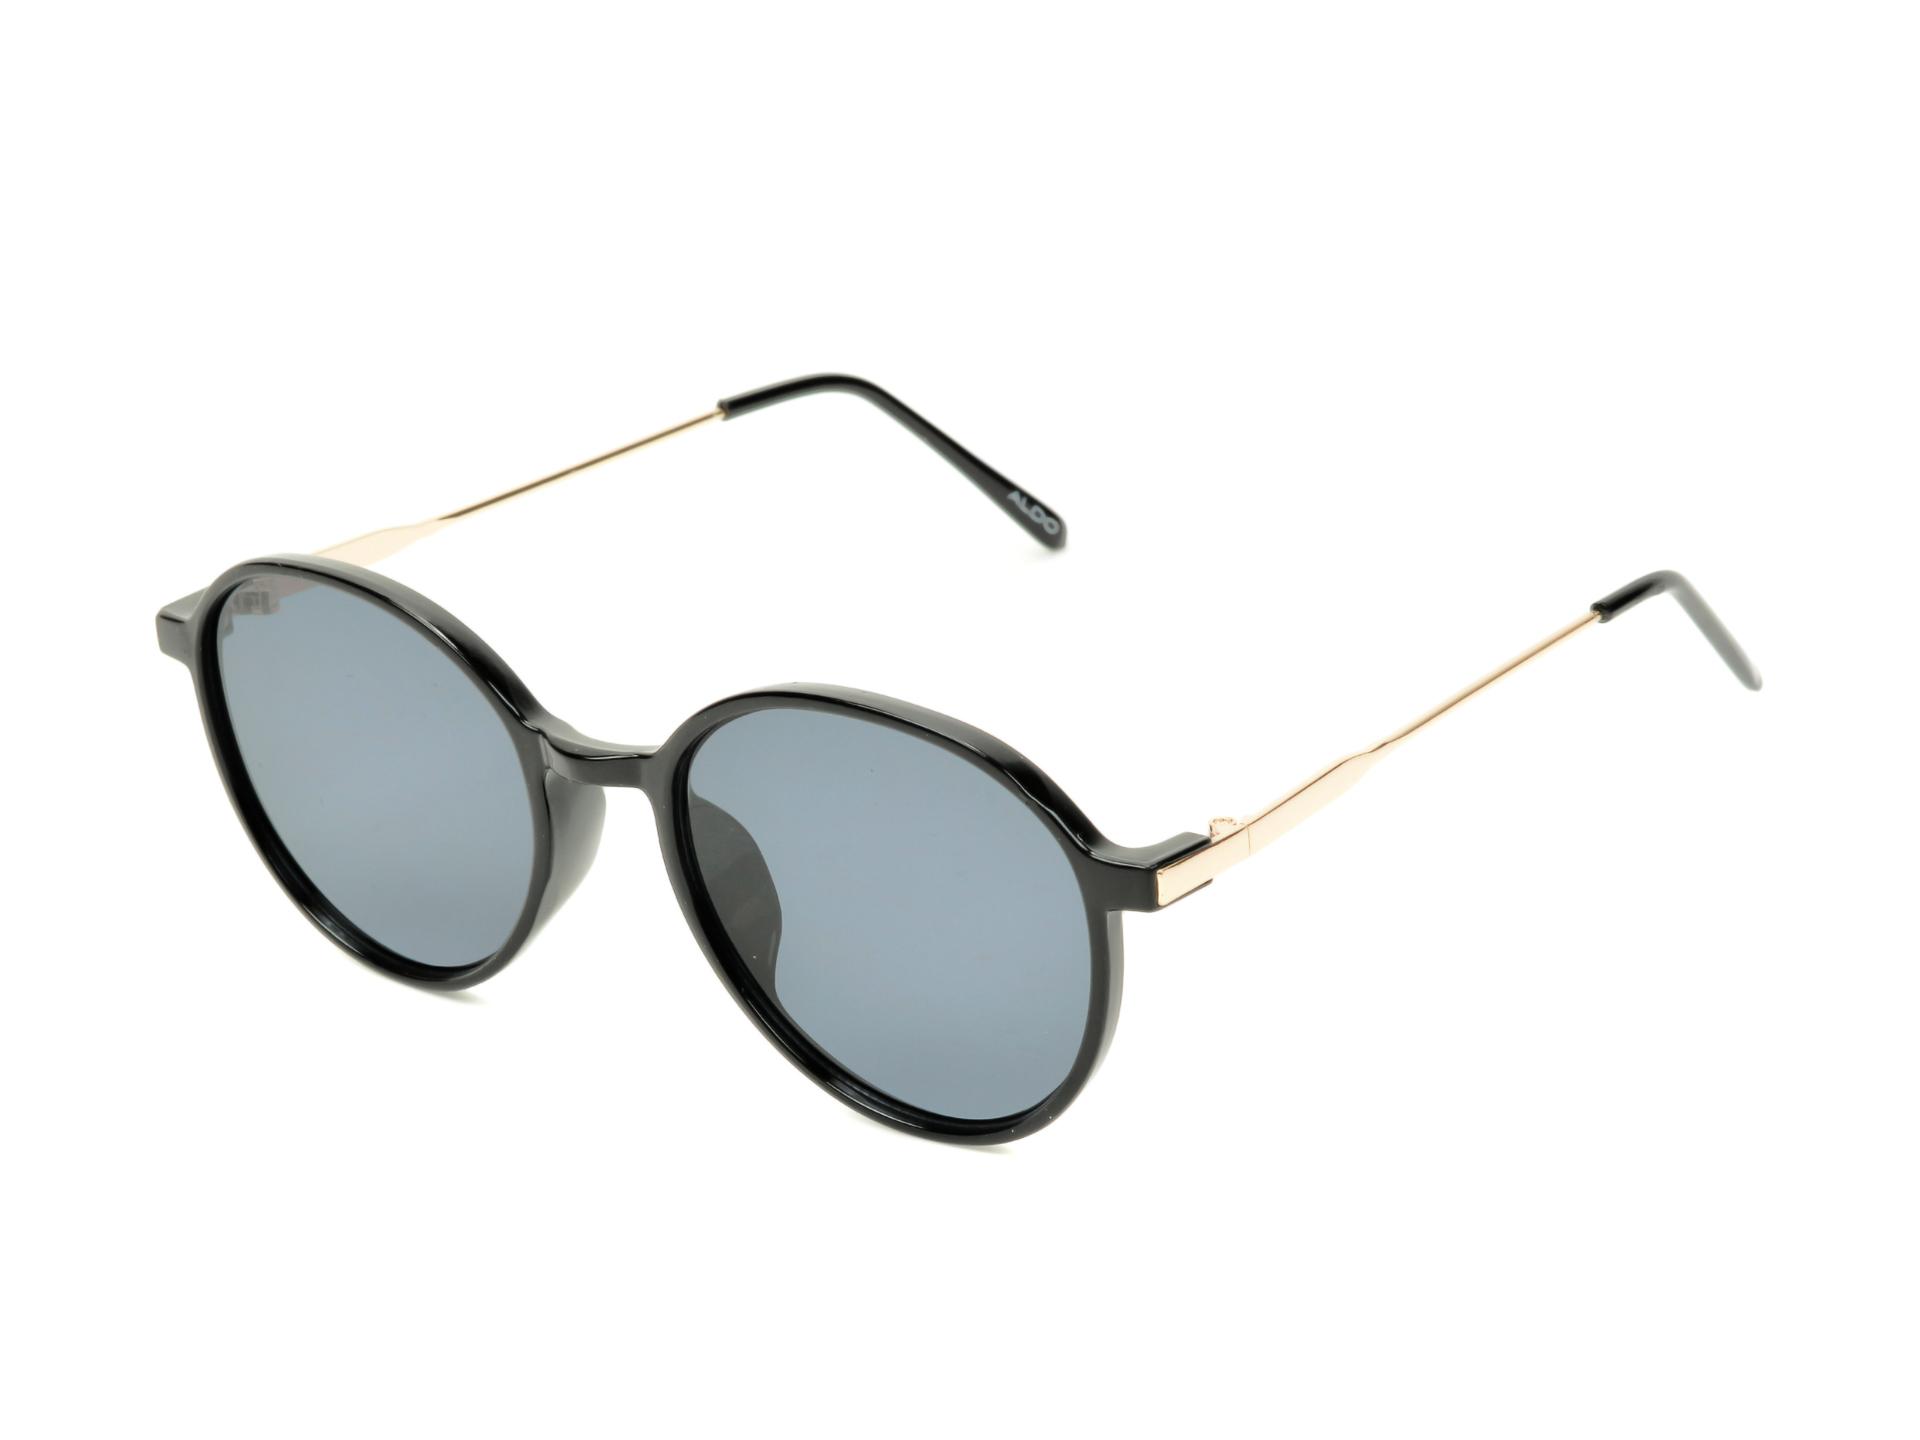 Ochelari de soare ALDO negri, Dicembre970, din PVC imagine